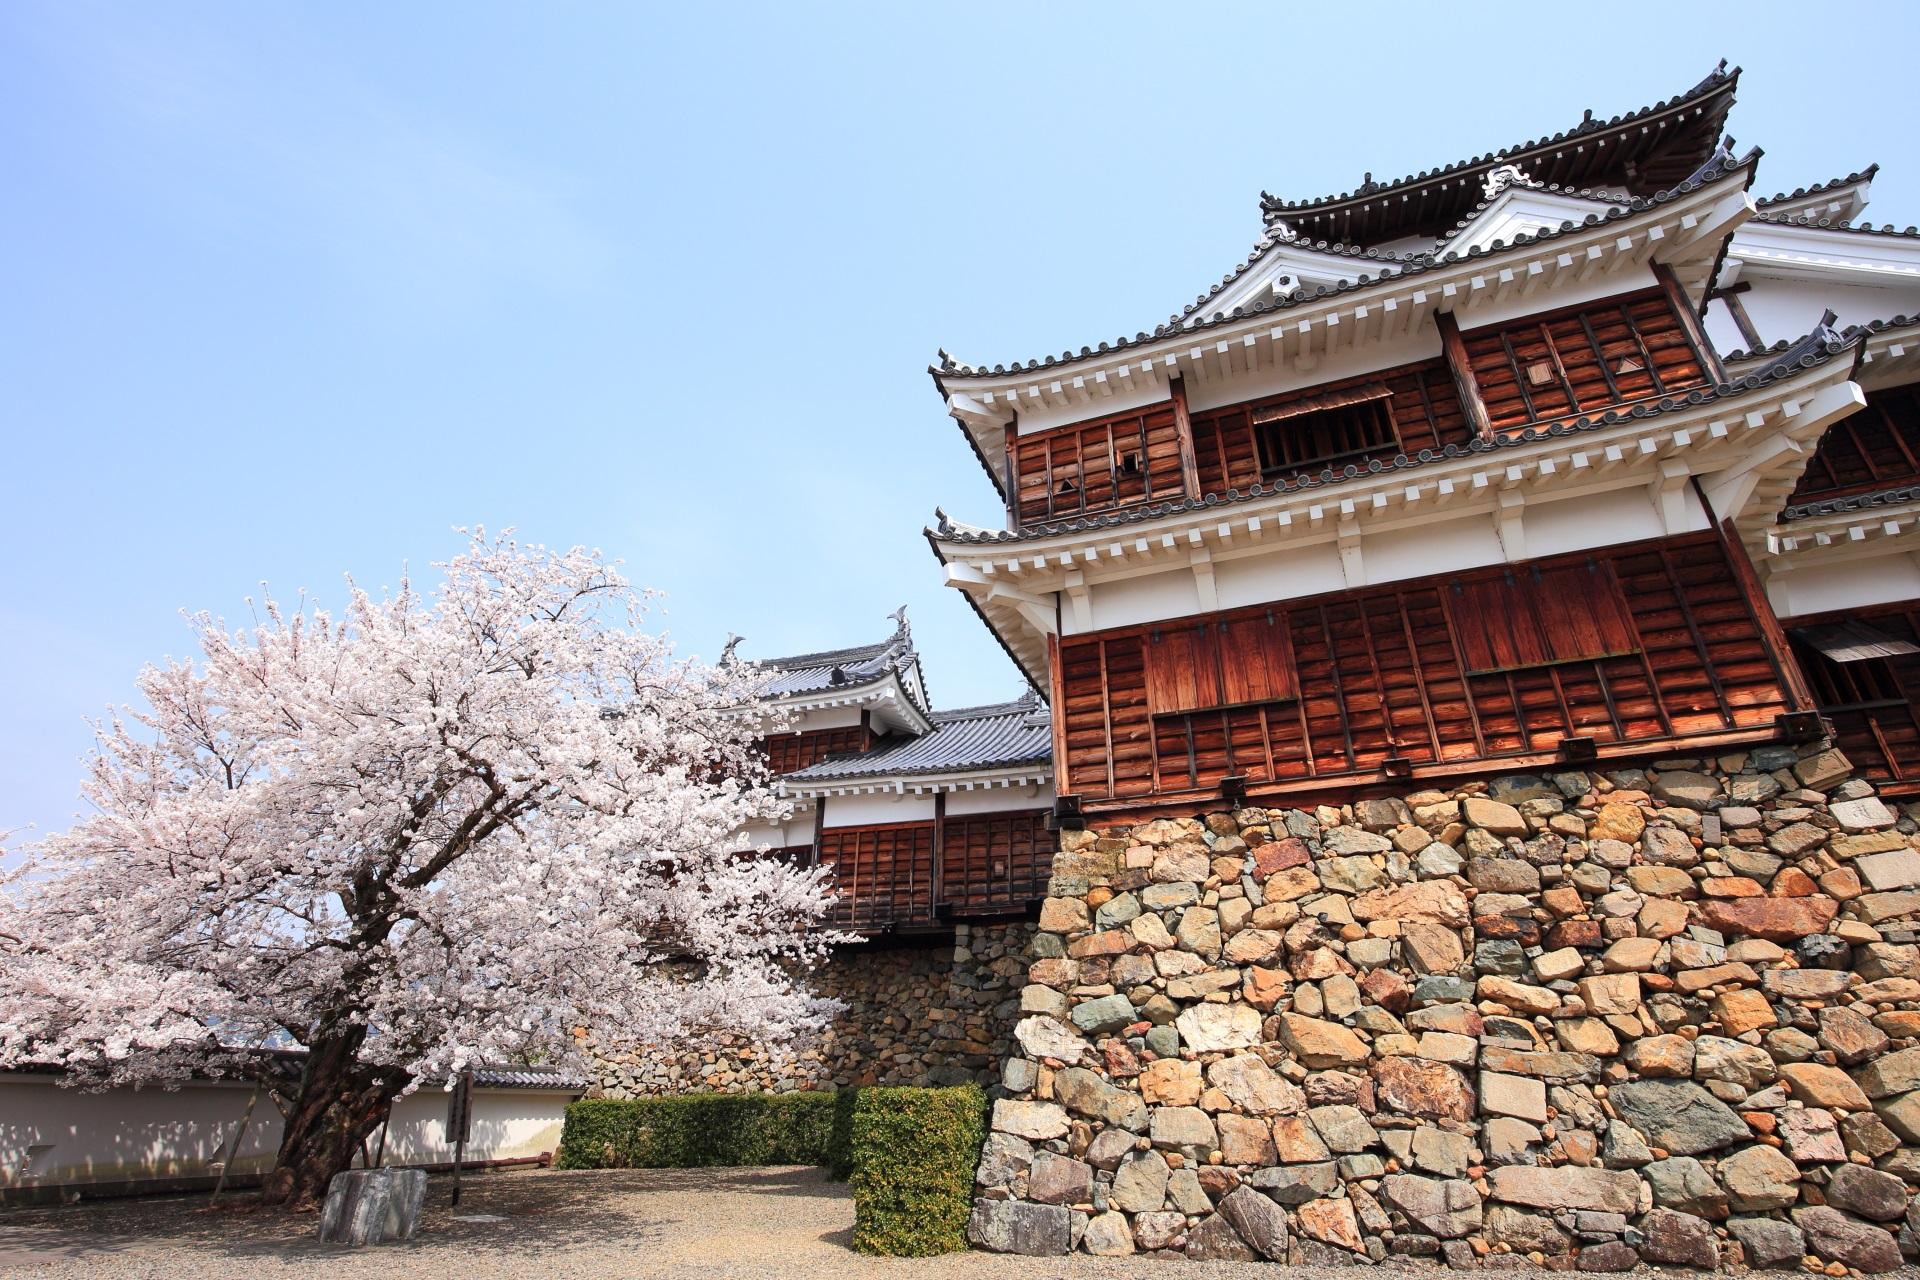 古風な福知山城の咲き誇る雅な桜